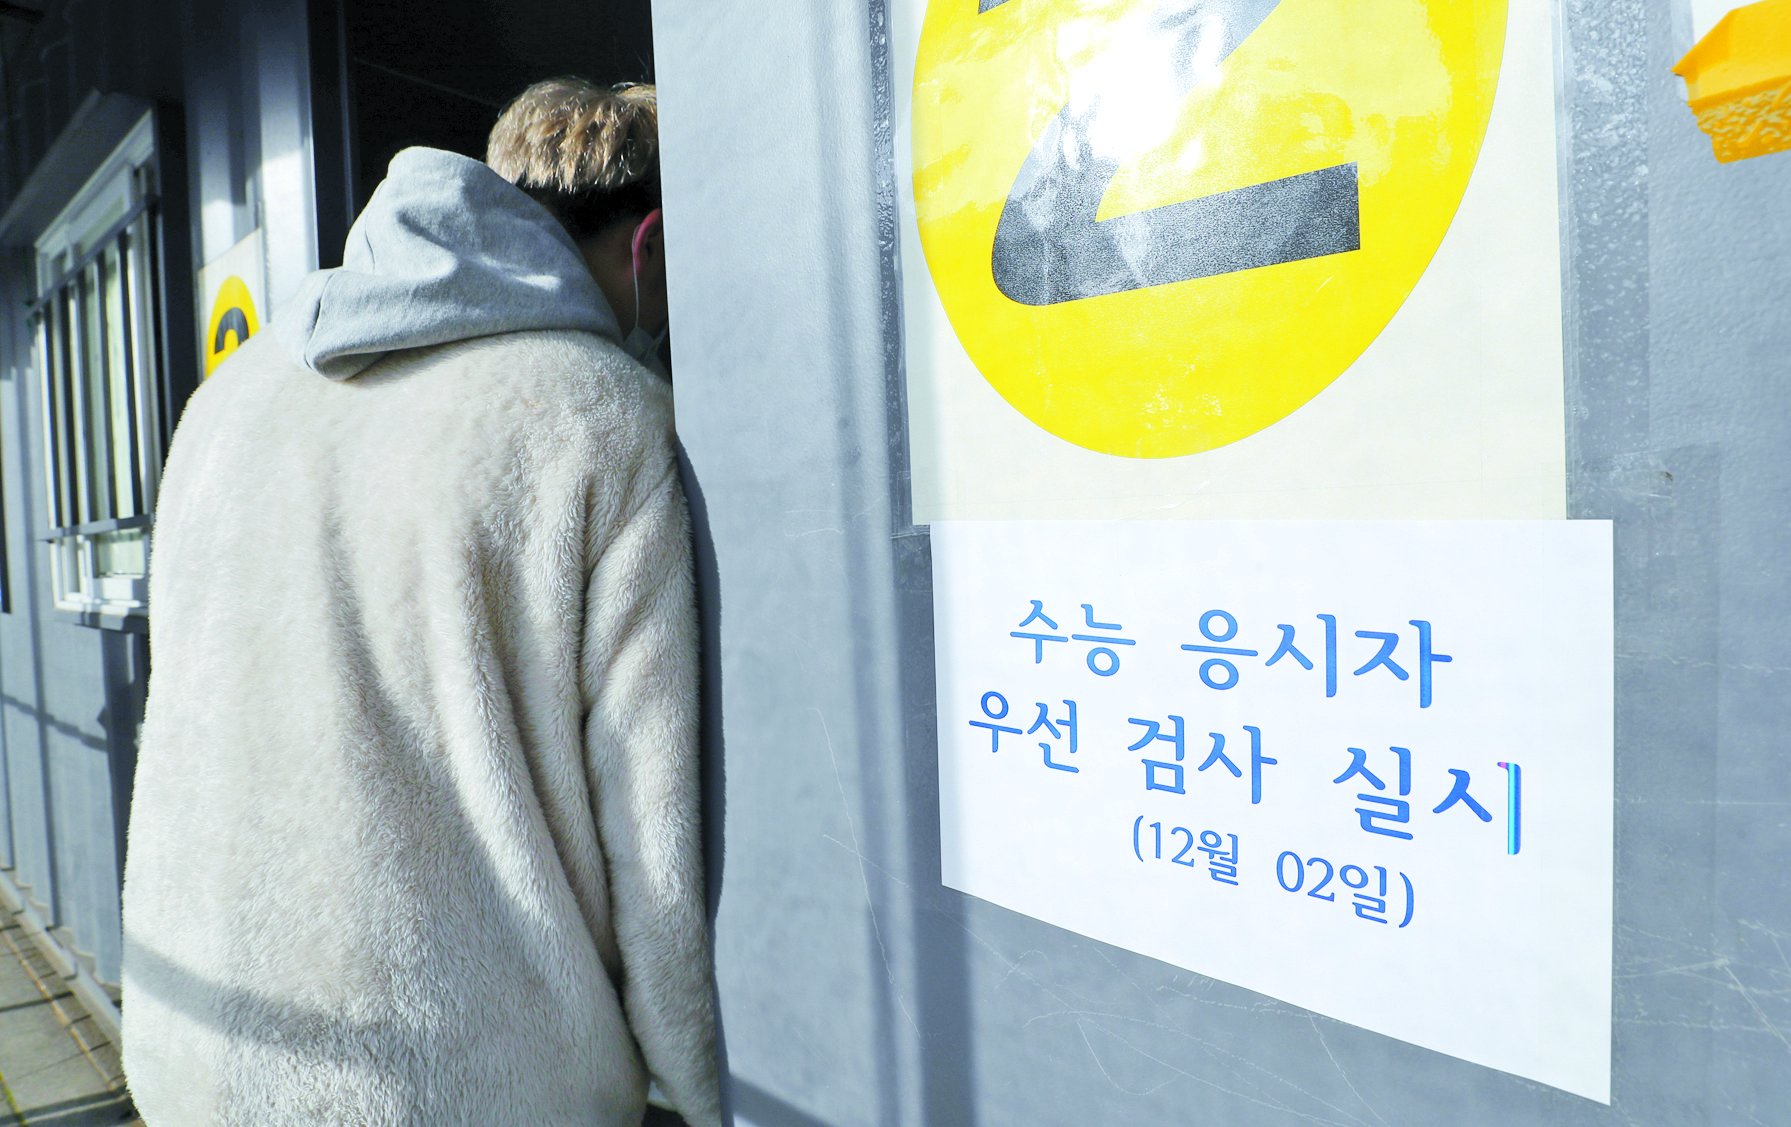 이 사진은 기사 내용과 관련 없는 코로나19 선별진료소 자료 사진. 연합뉴스